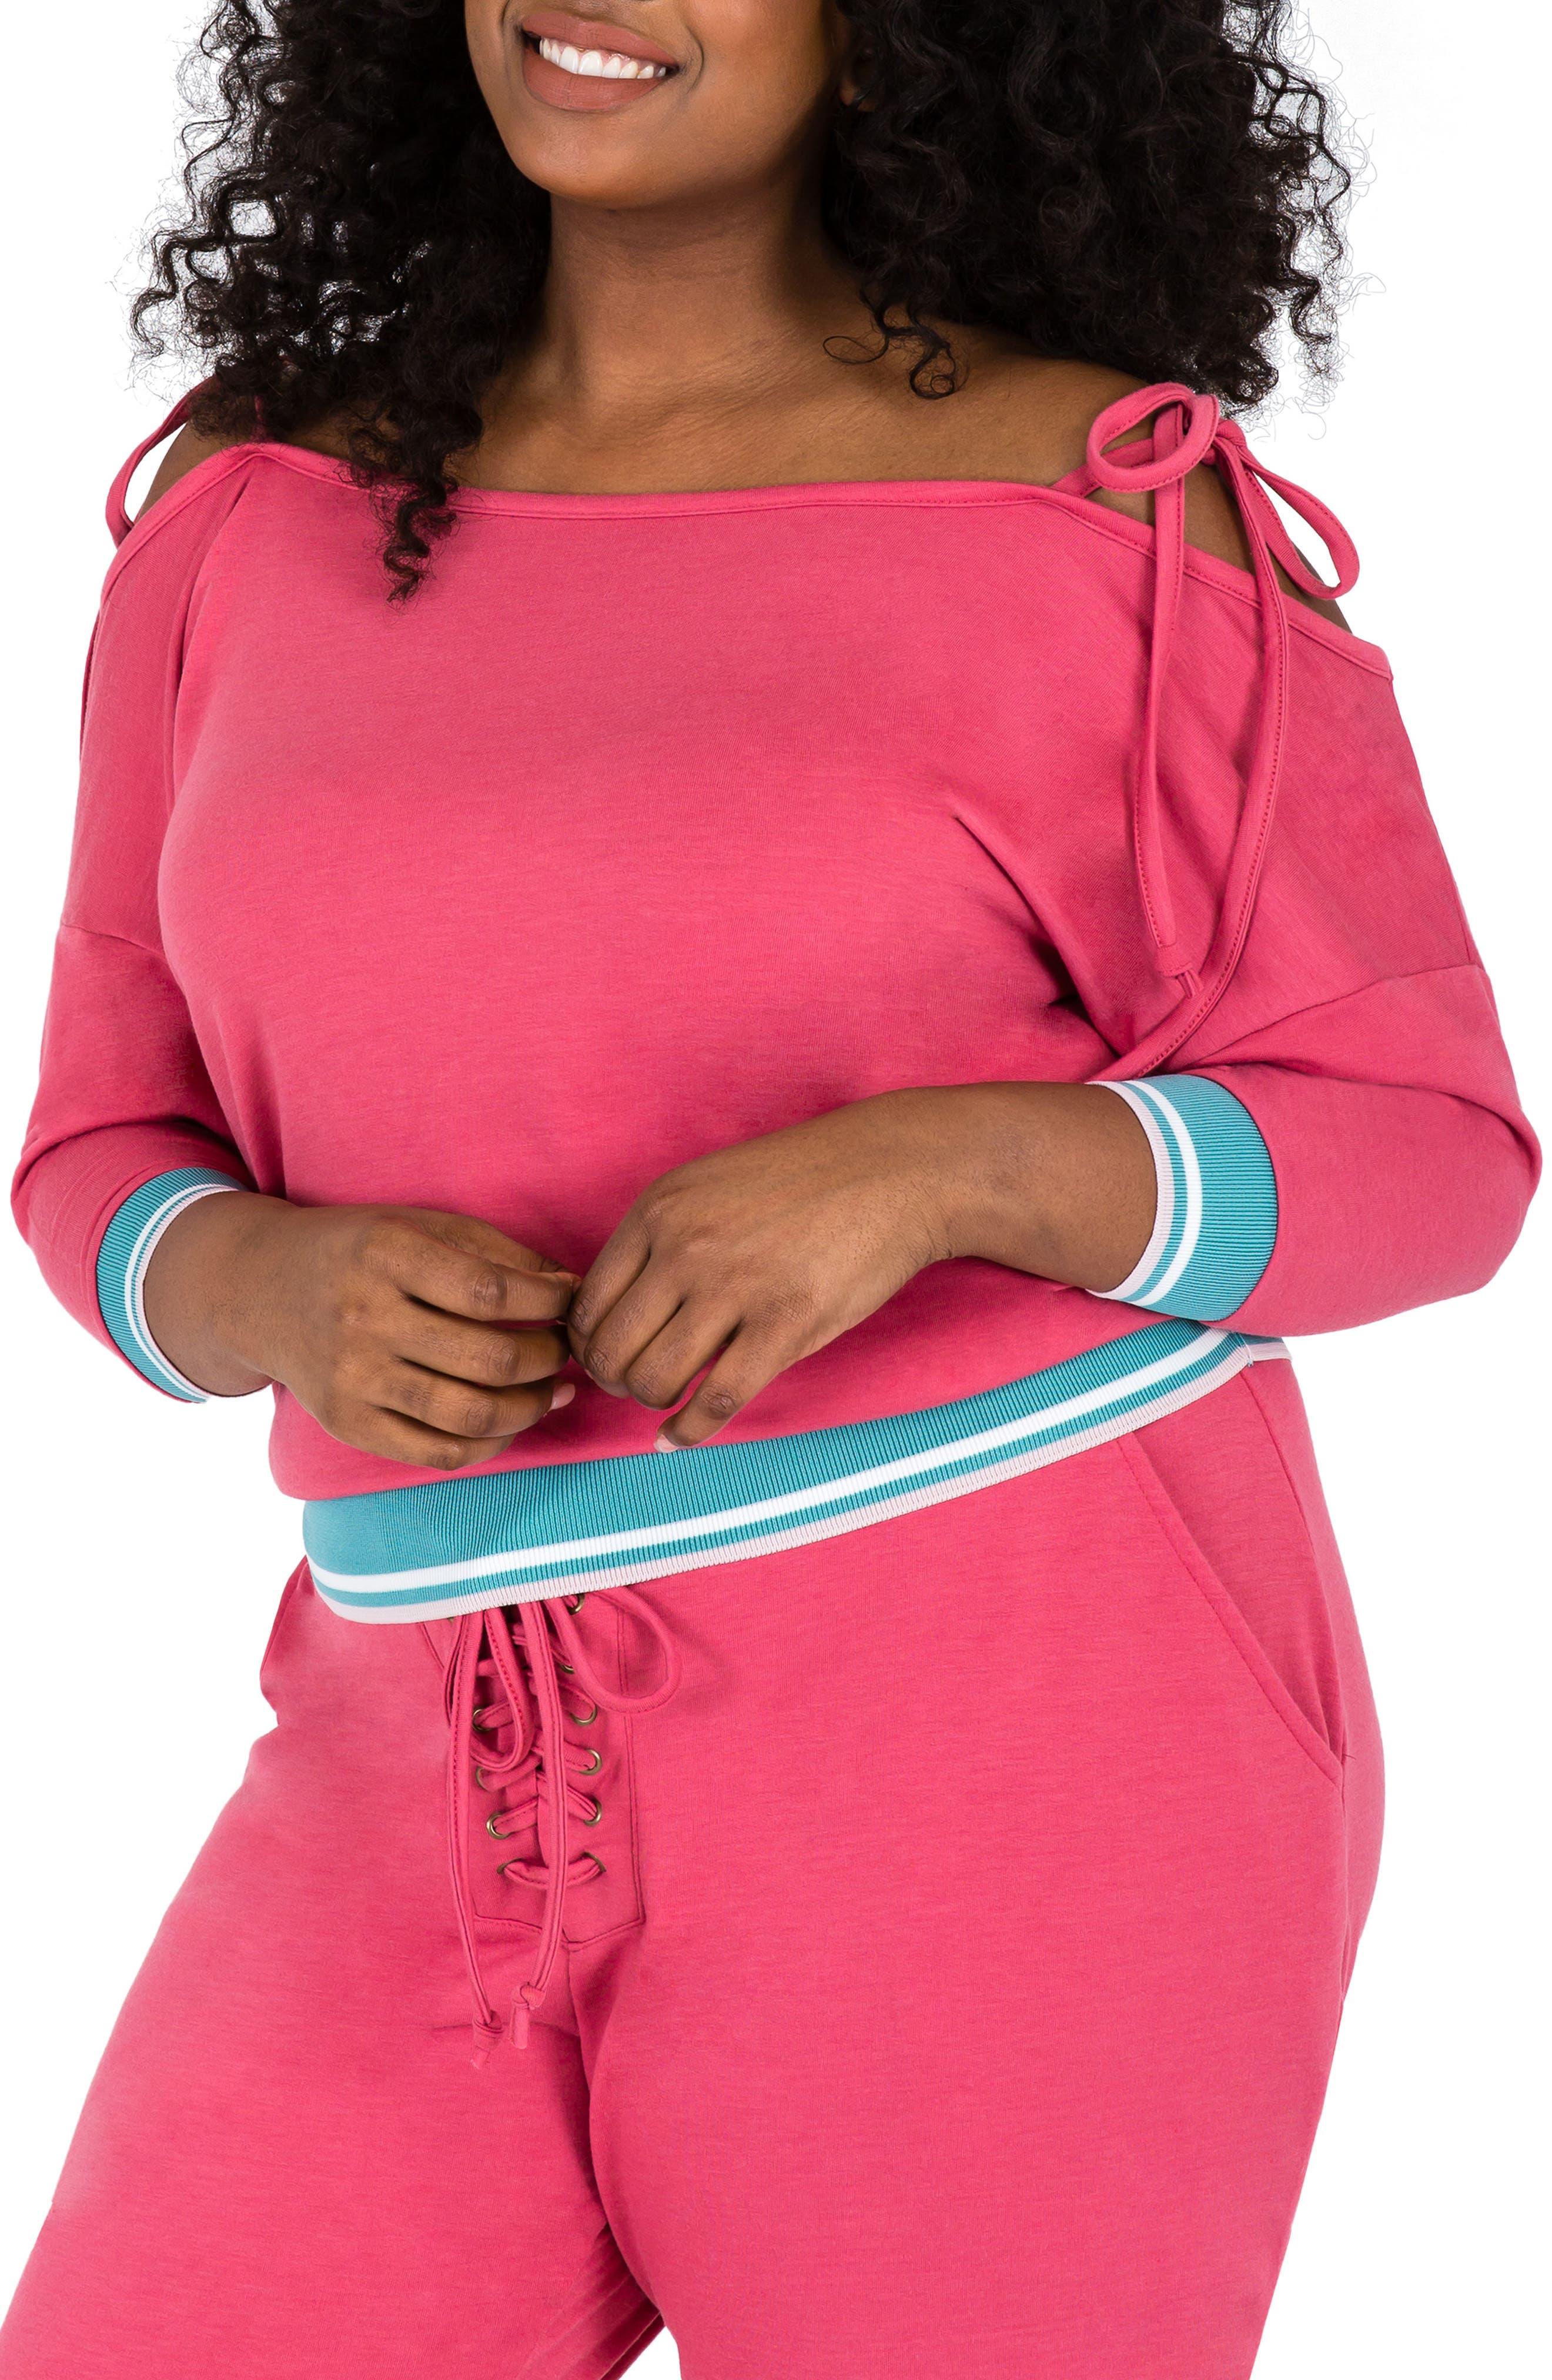 Janae Convertible Knit Top,                             Main thumbnail 1, color,                             DEEP ROSE PINK